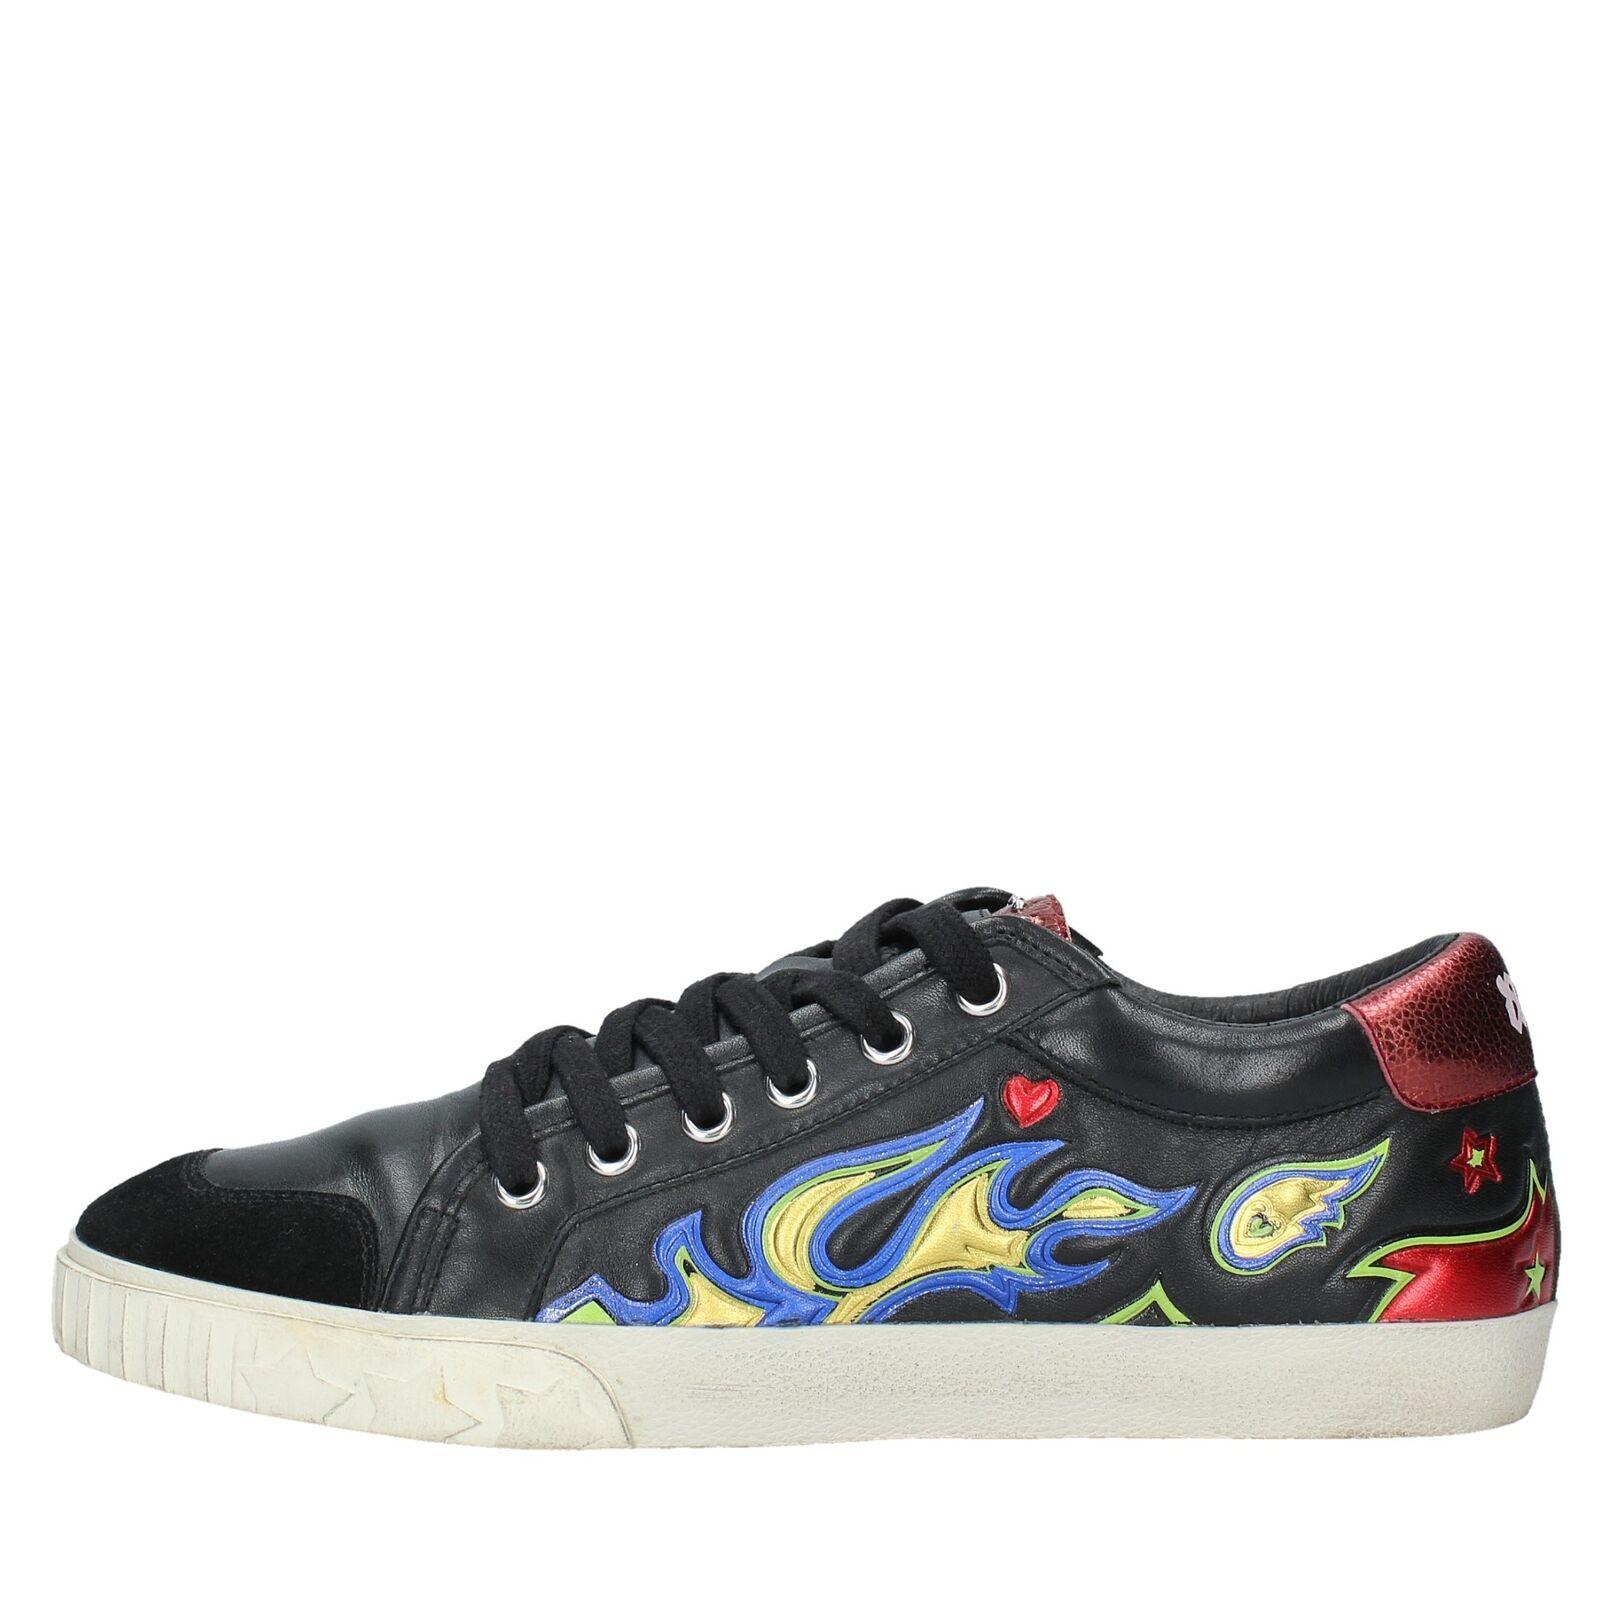 NV1173 Scarpe Scarpe Scarpe scarpe da ginnastica ASH donna Nero c046c2